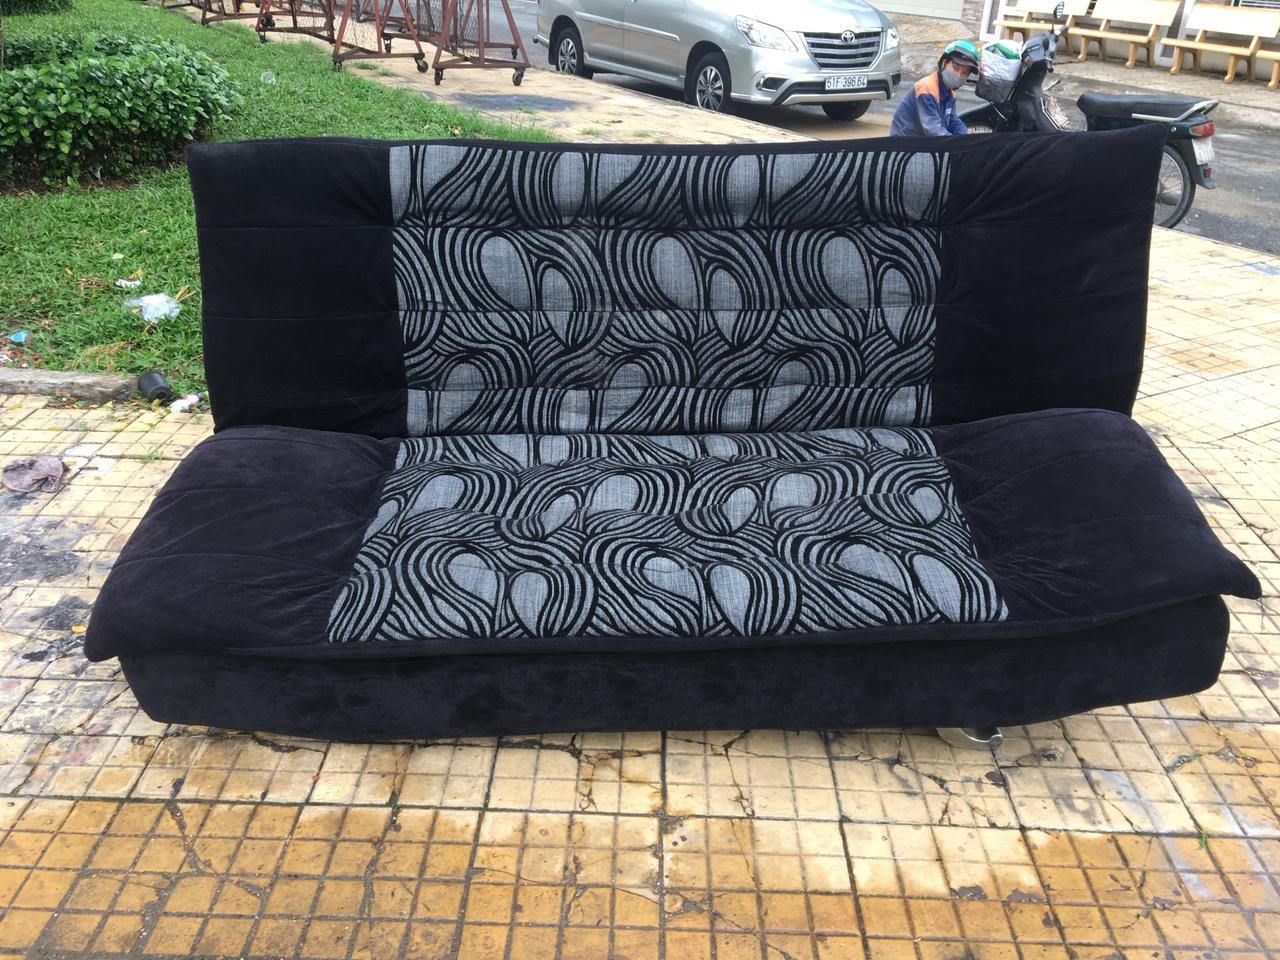 Thanh lý sofa bed cũ giá rẻ mới 90%